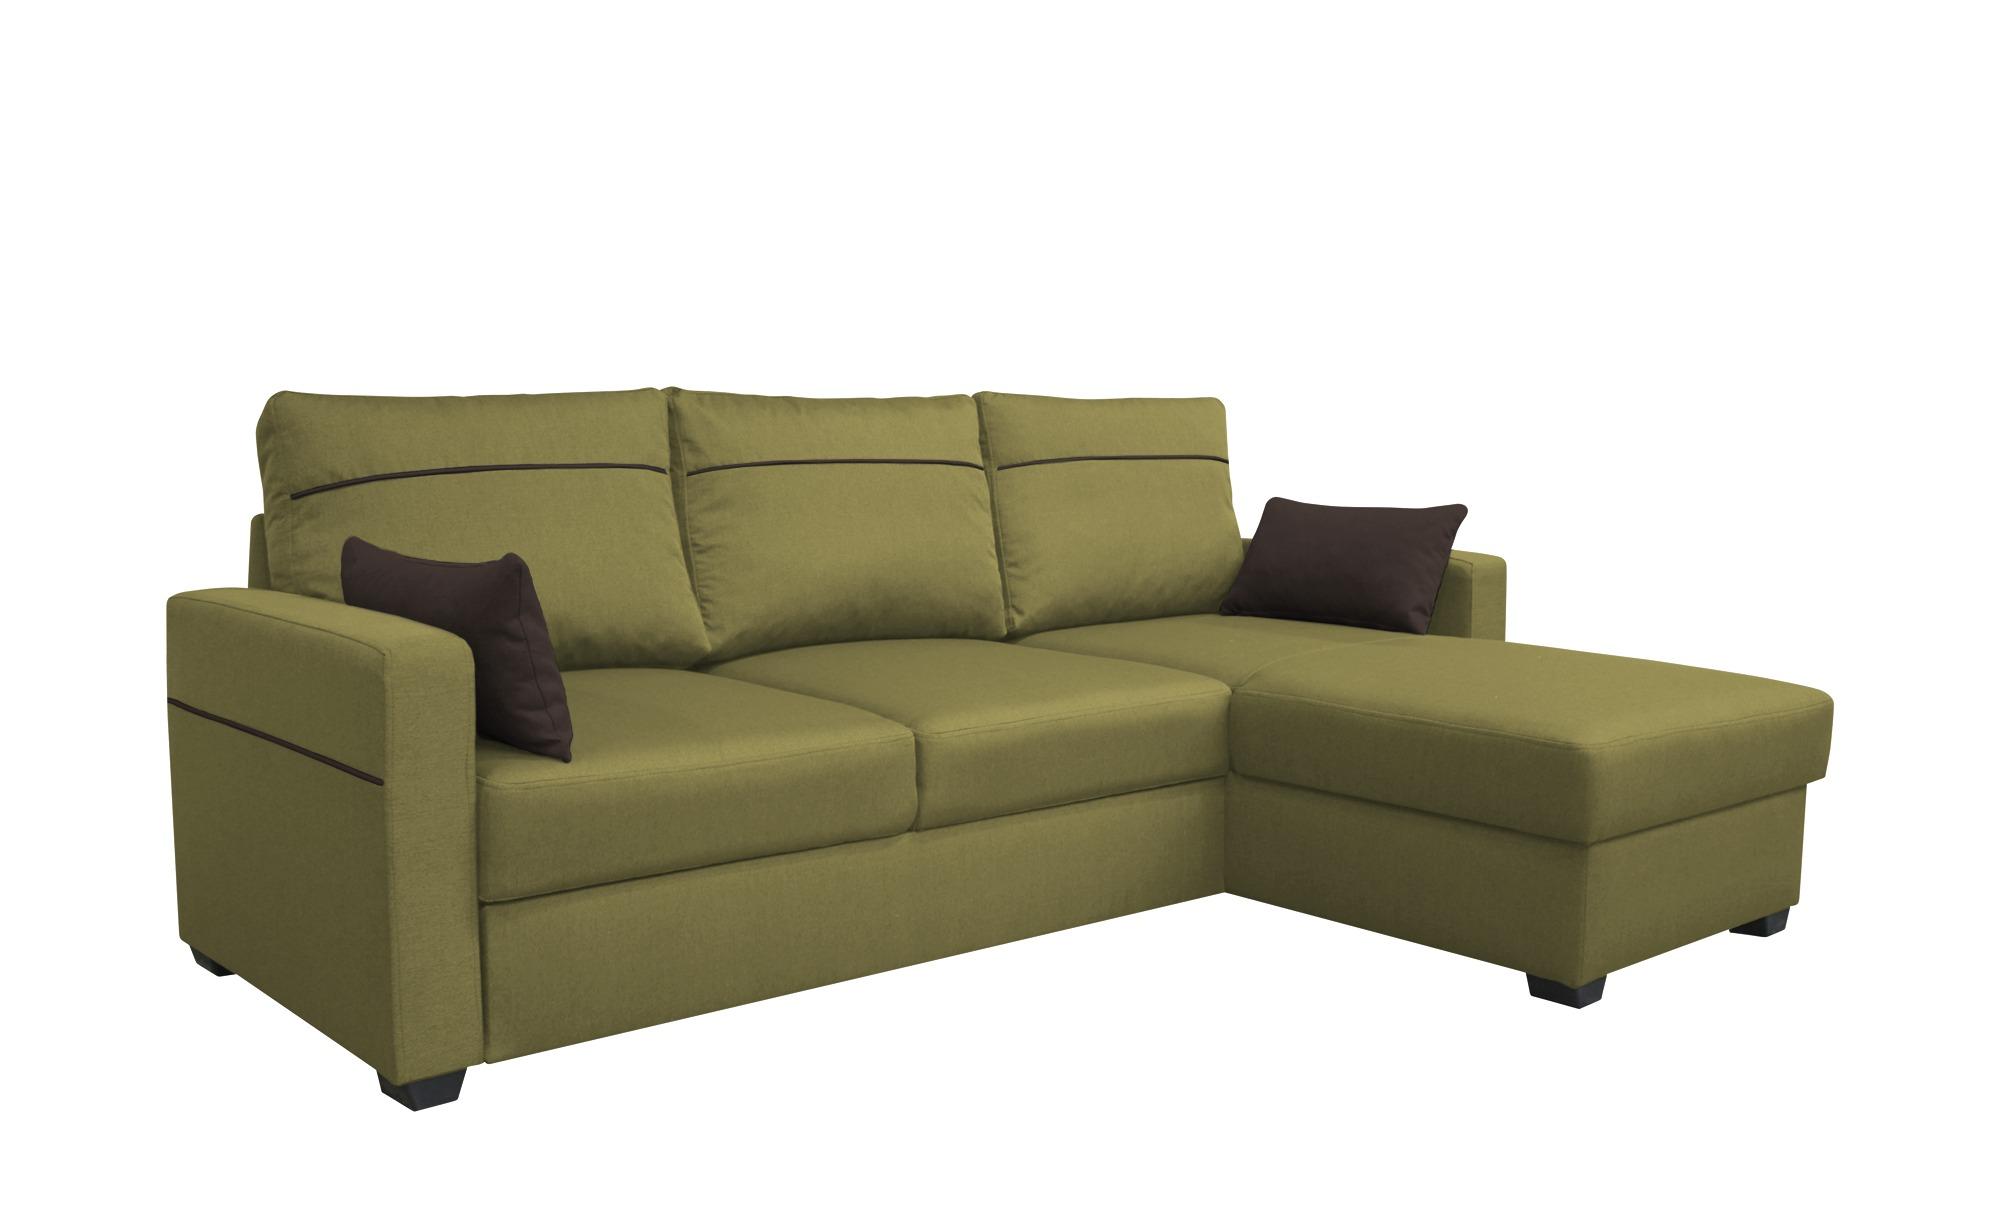 Ecksofa  Simbia ¦ grün ¦ Maße (cm): B: 232 H: 87 T: 158 Polstermöbel > Sofas > Ecksofas - Höffner